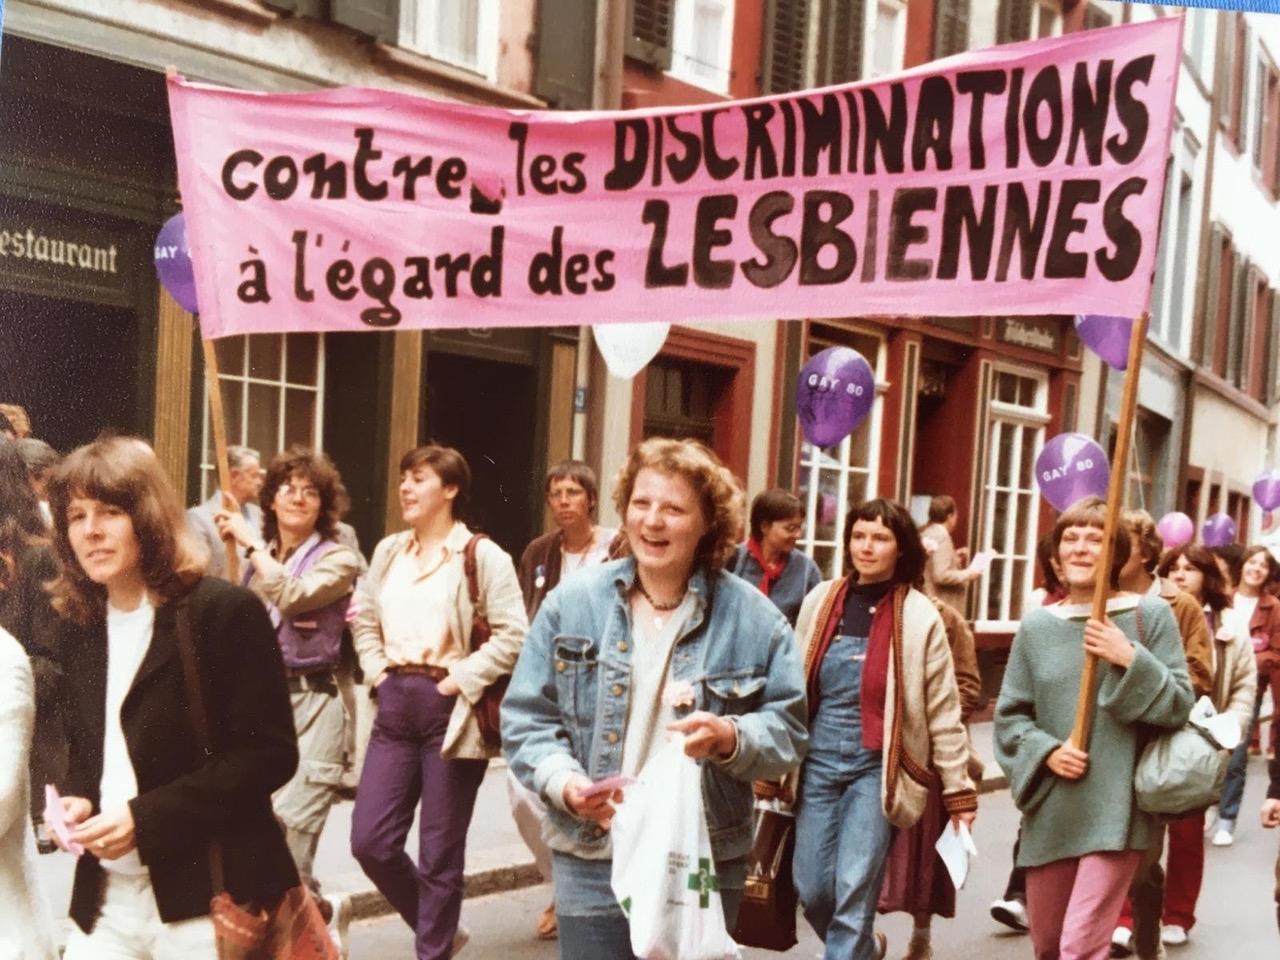 Damals: Lesbisches Leben in Bern - Frauenraum